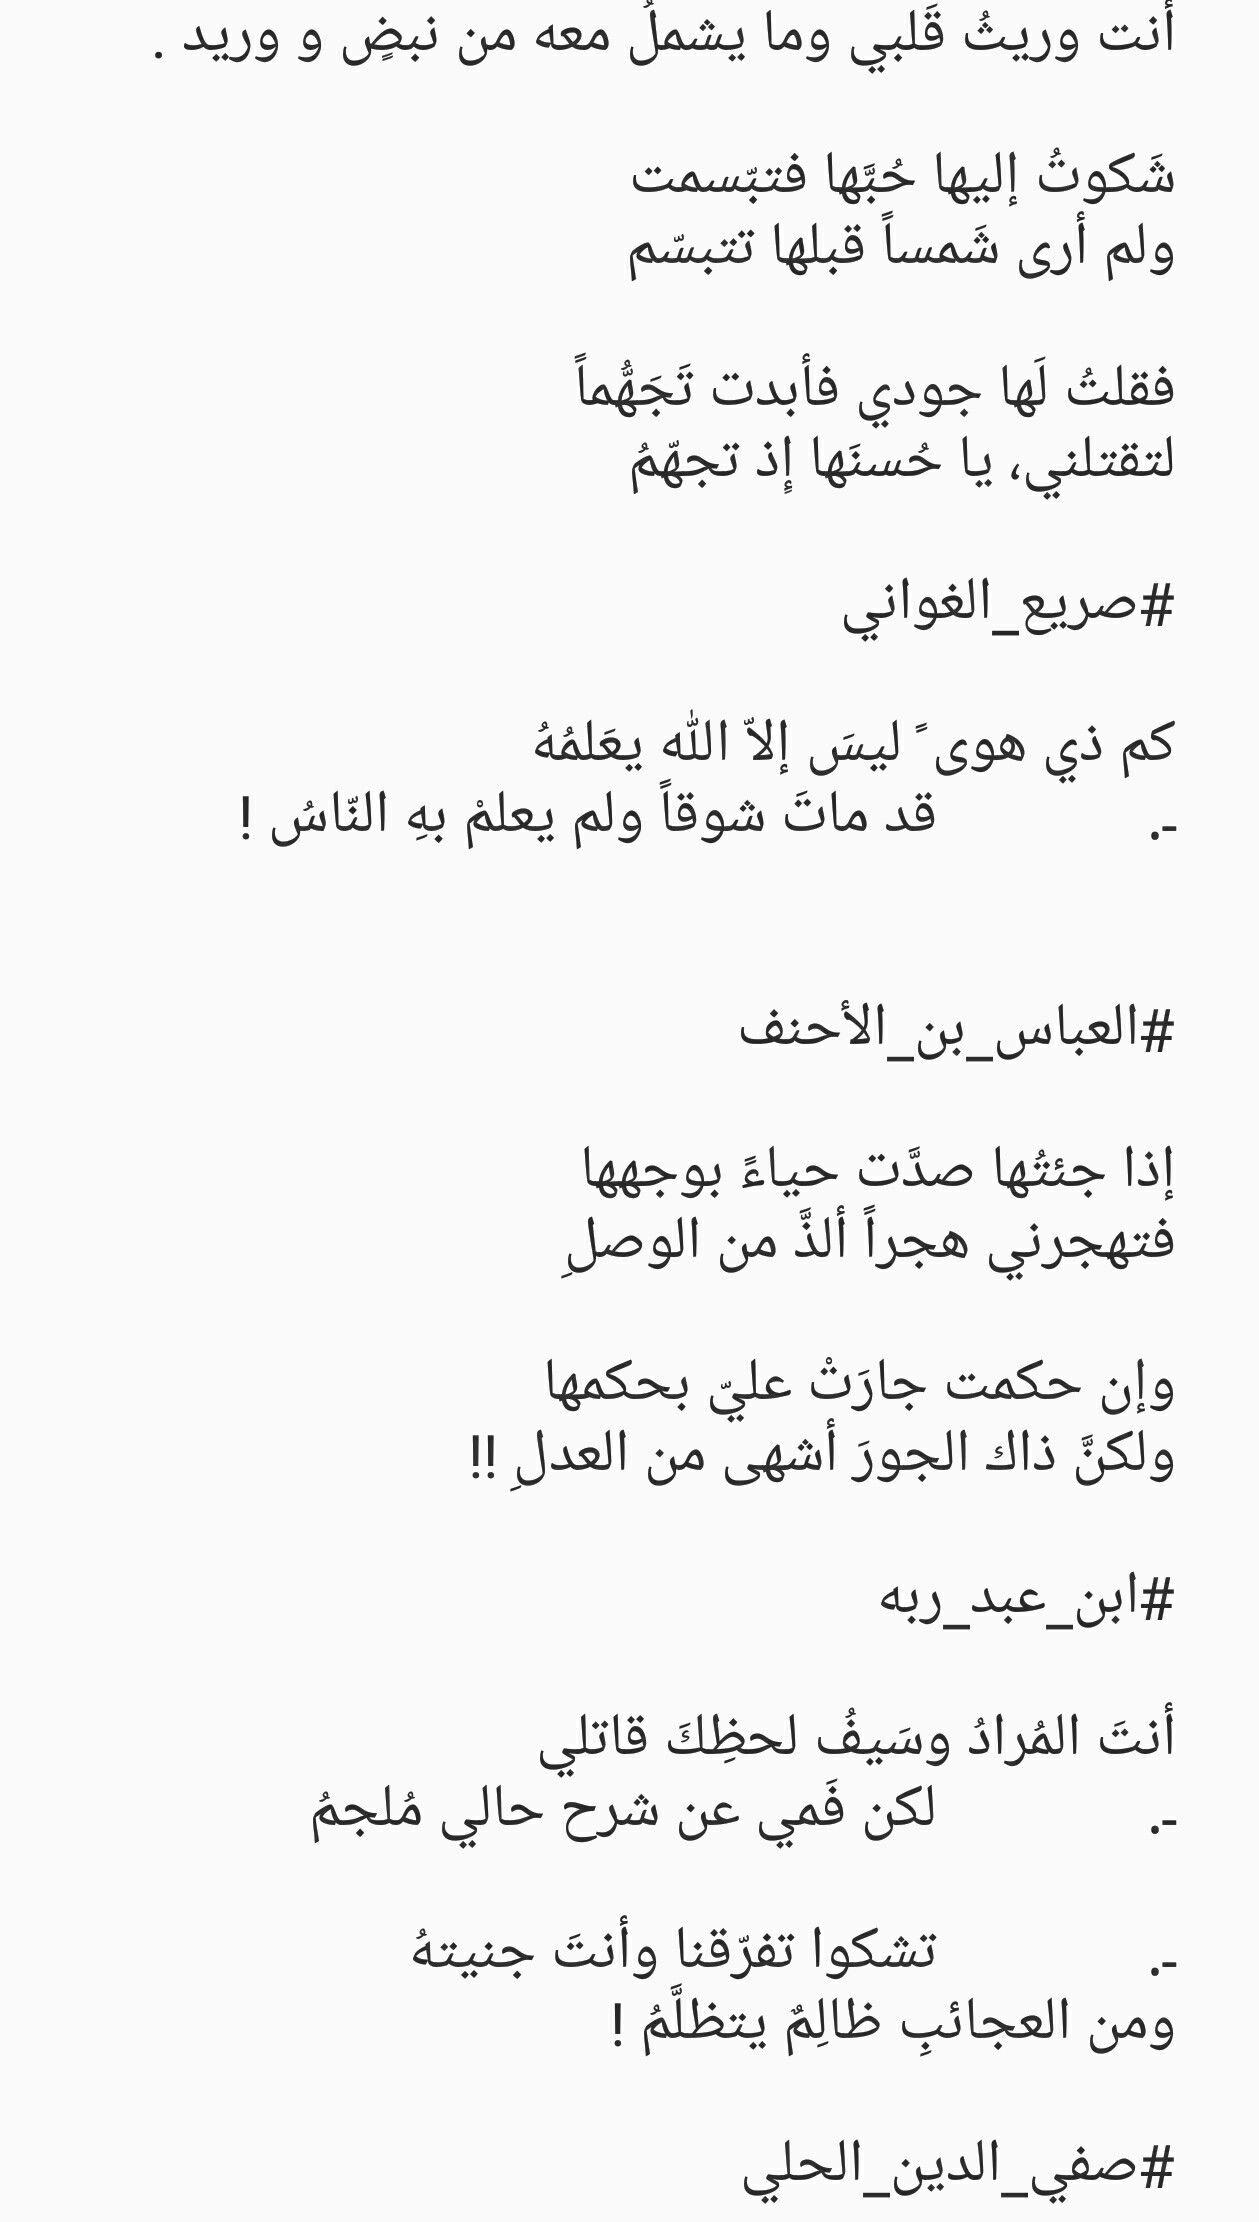 اشعار العرب في الحب